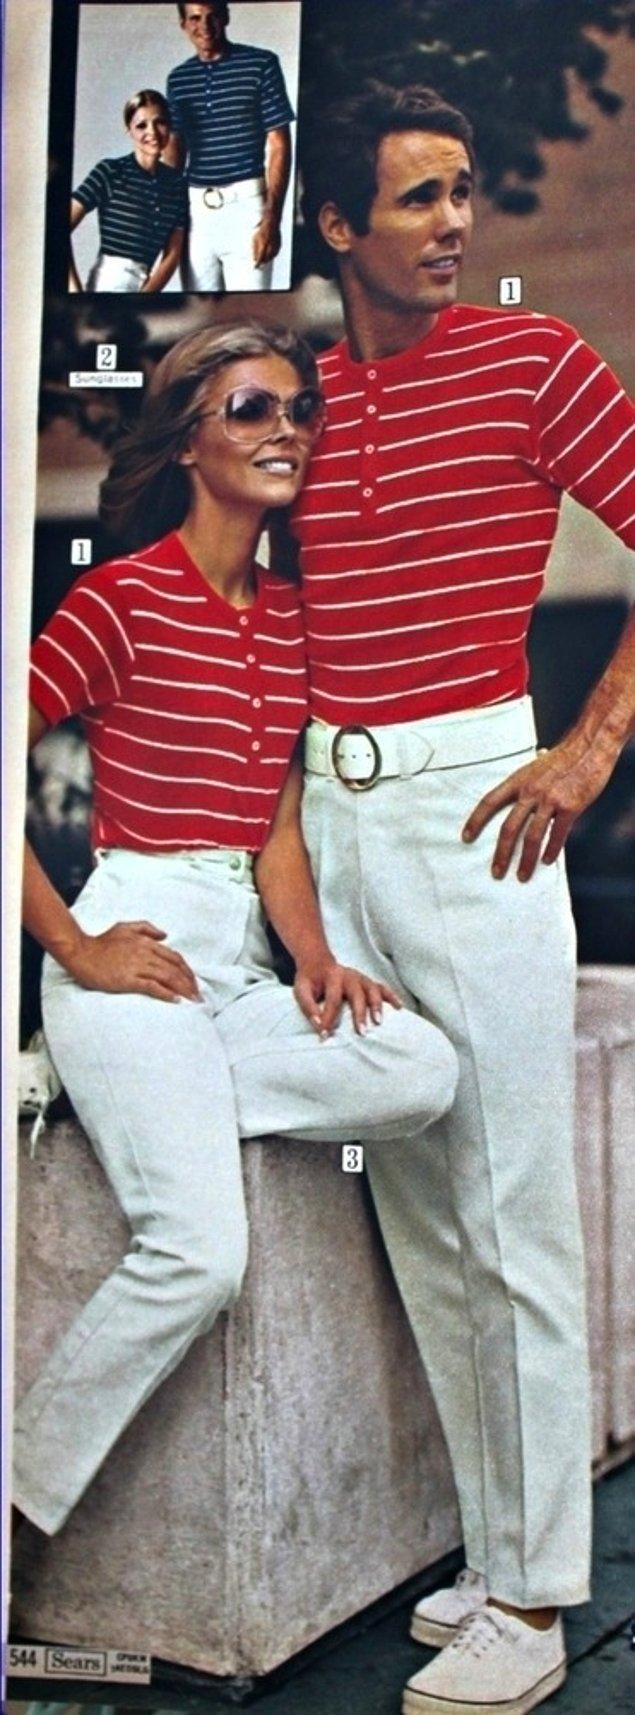 7. Akraba ziyaretlerinde aynı kıyafetler giyilip sokağa çıkmakta bir beis görülmüyor.